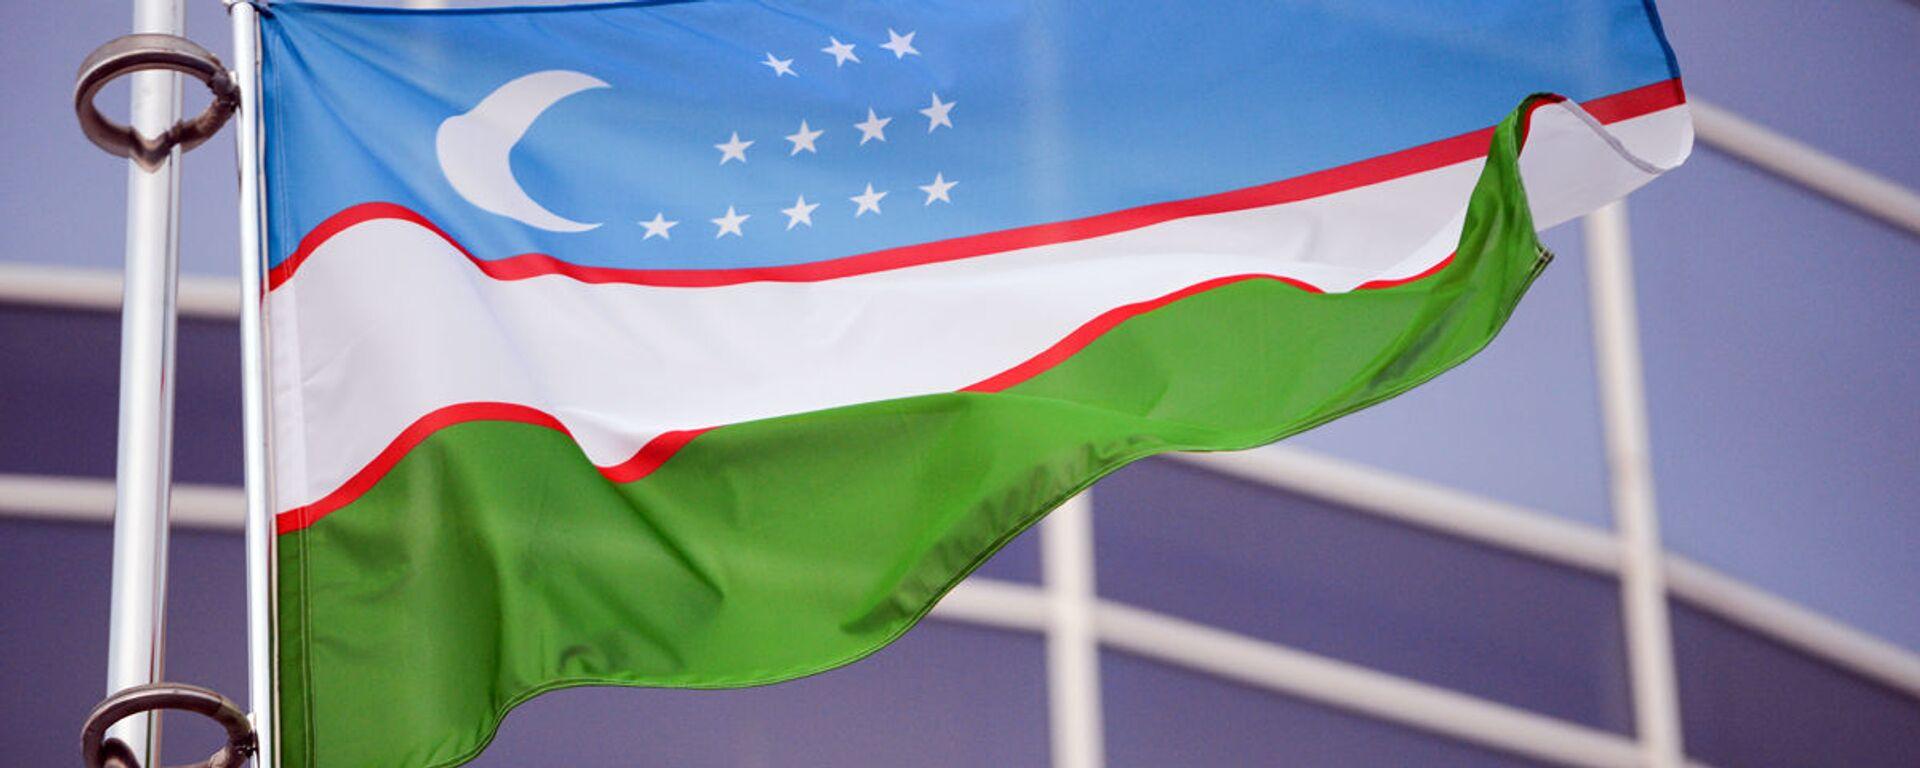 Флаг Узбекистана - Sputnik Узбекистан, 1920, 18.05.2021